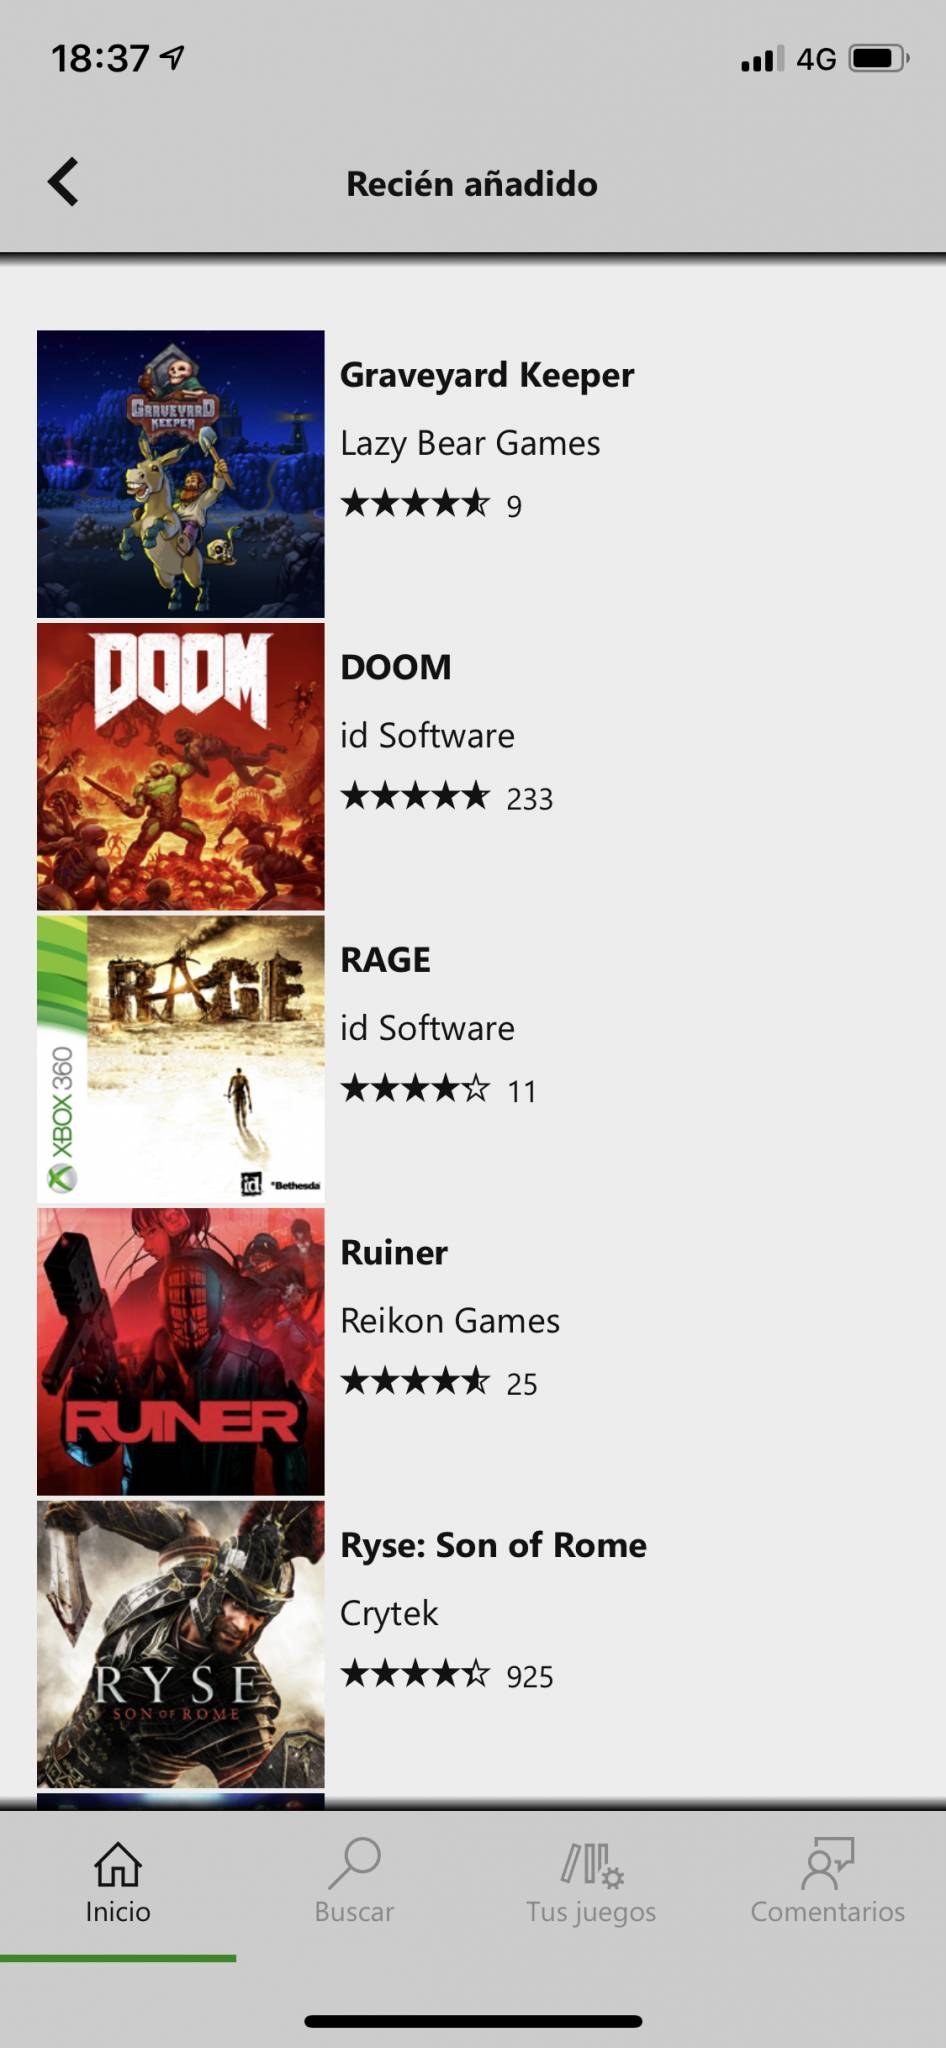 Añadidos recientemente en Xbox Game Pass para iOS